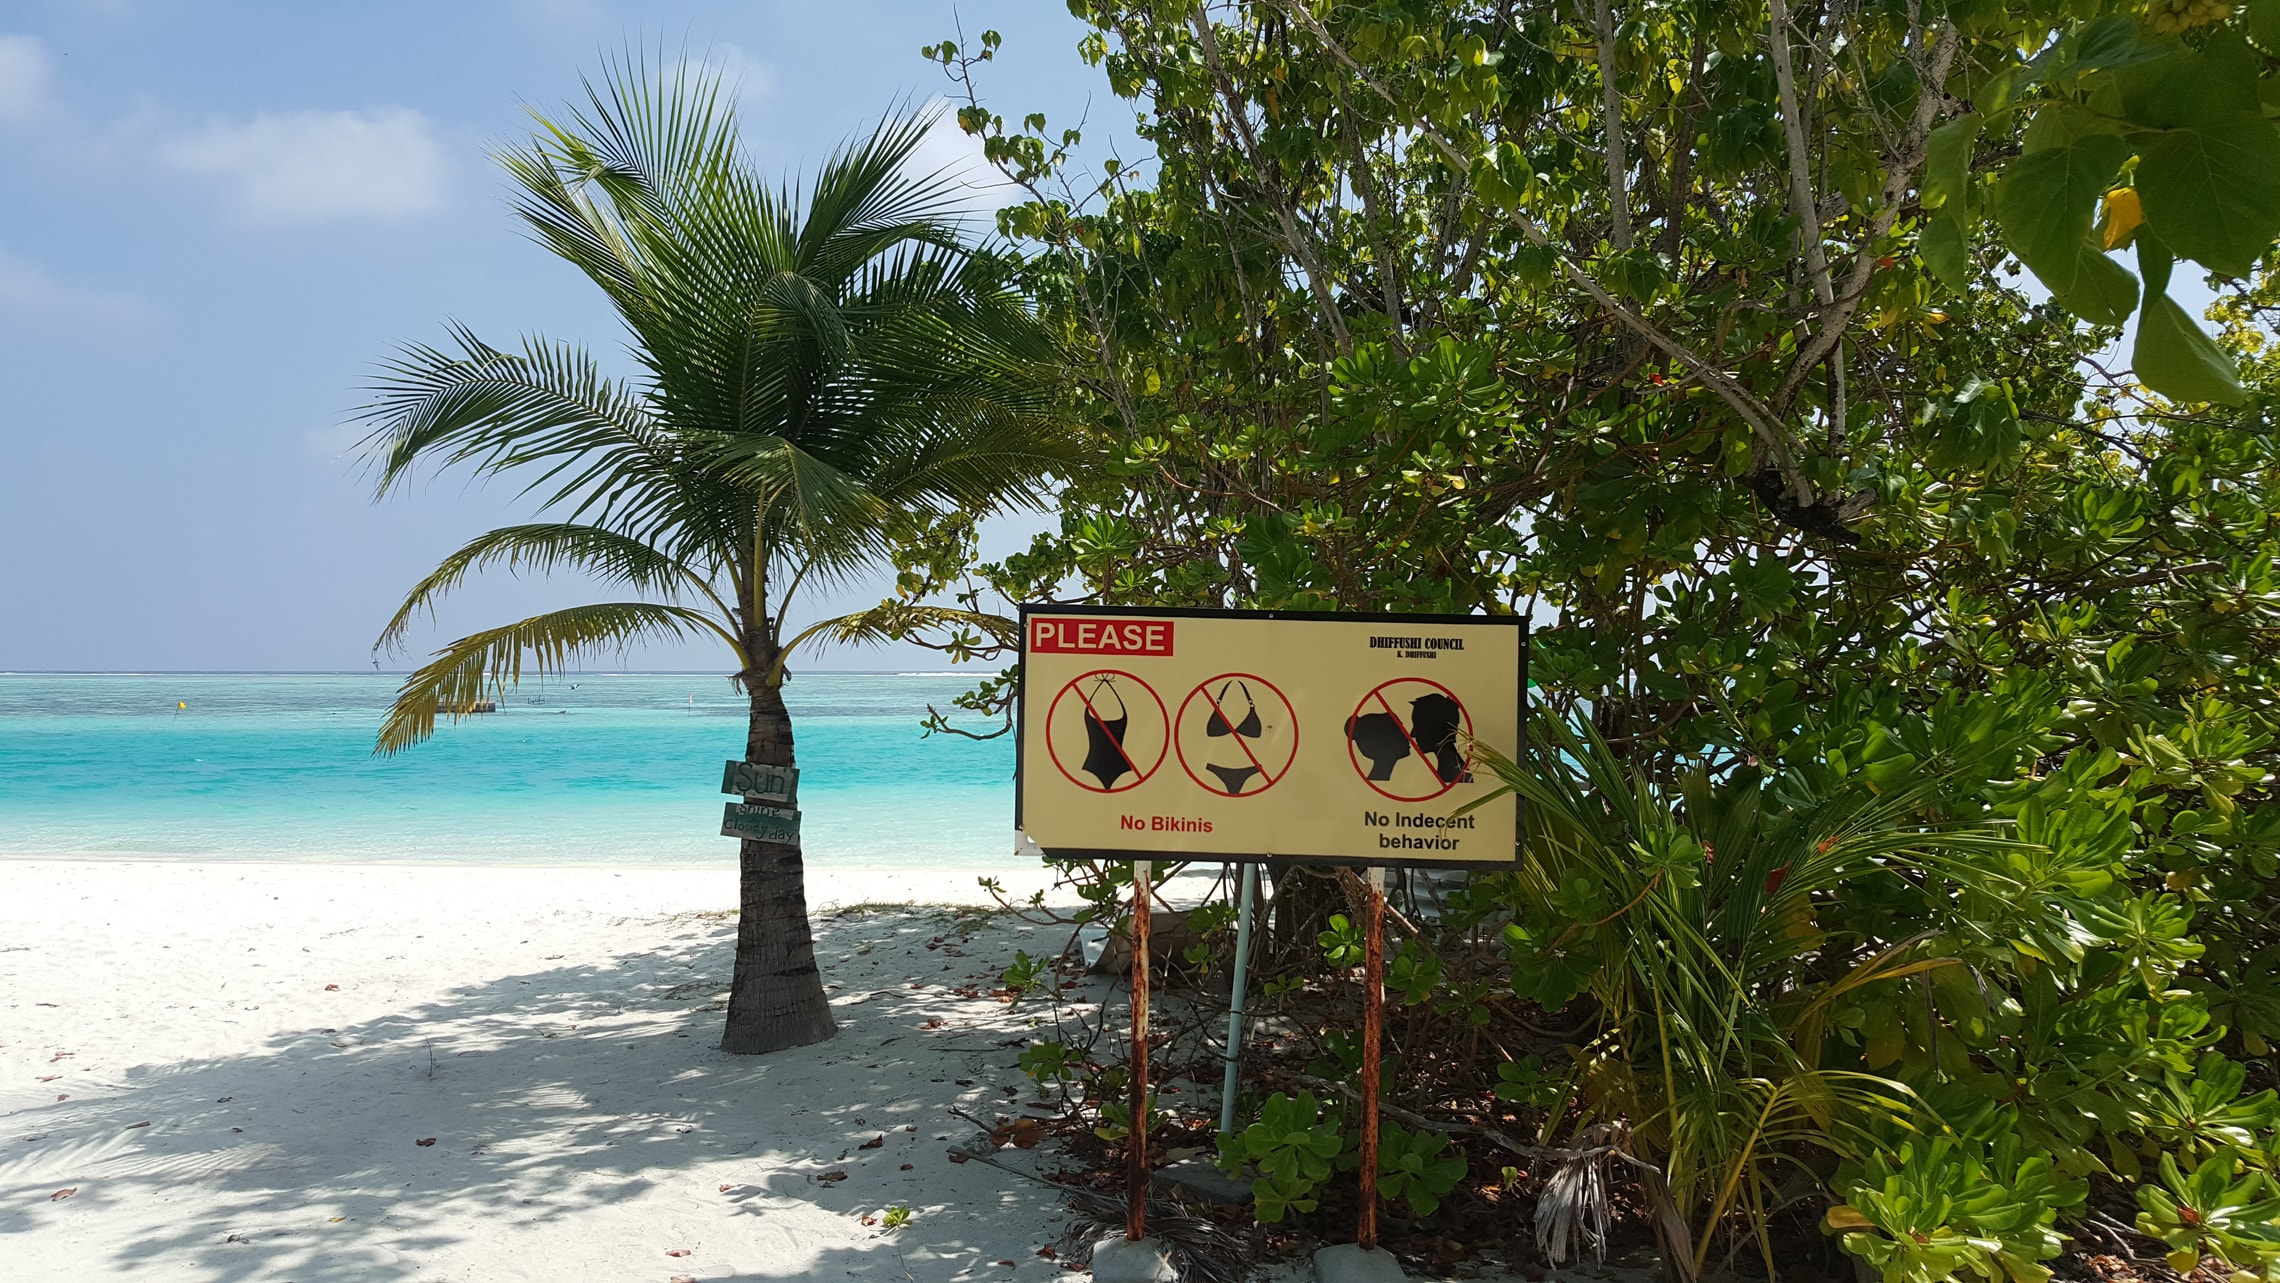 Auf der Insel der Einheimischen auf den Malediven gelten strenge Regeln. Zum Beispiel ist typische Badebekleidung nicht erlaubt.